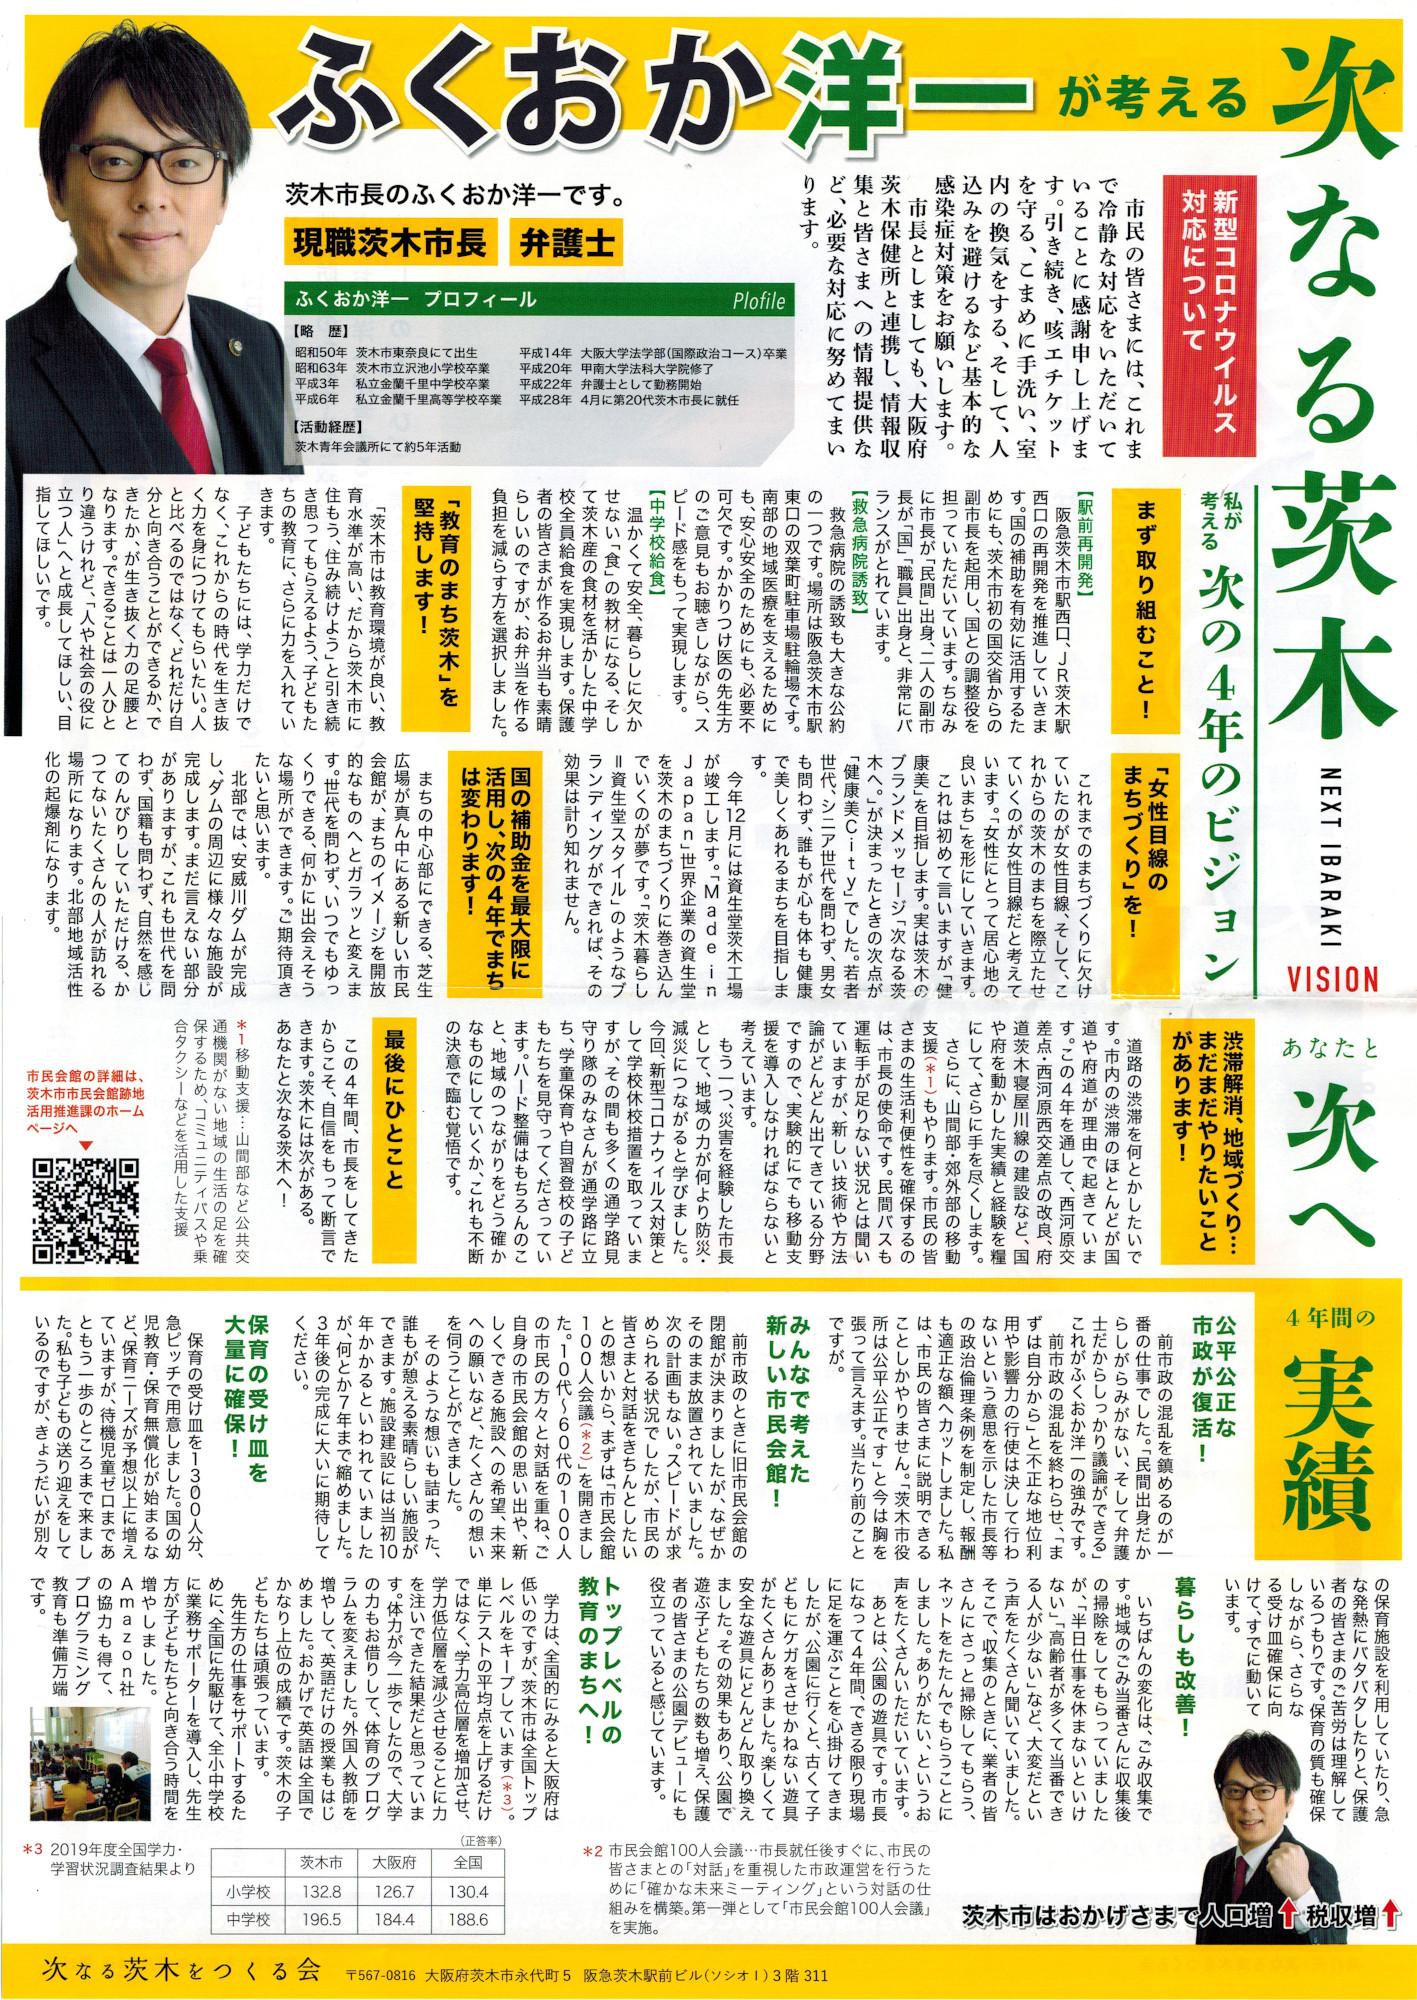 2020年3月次なる茨木2